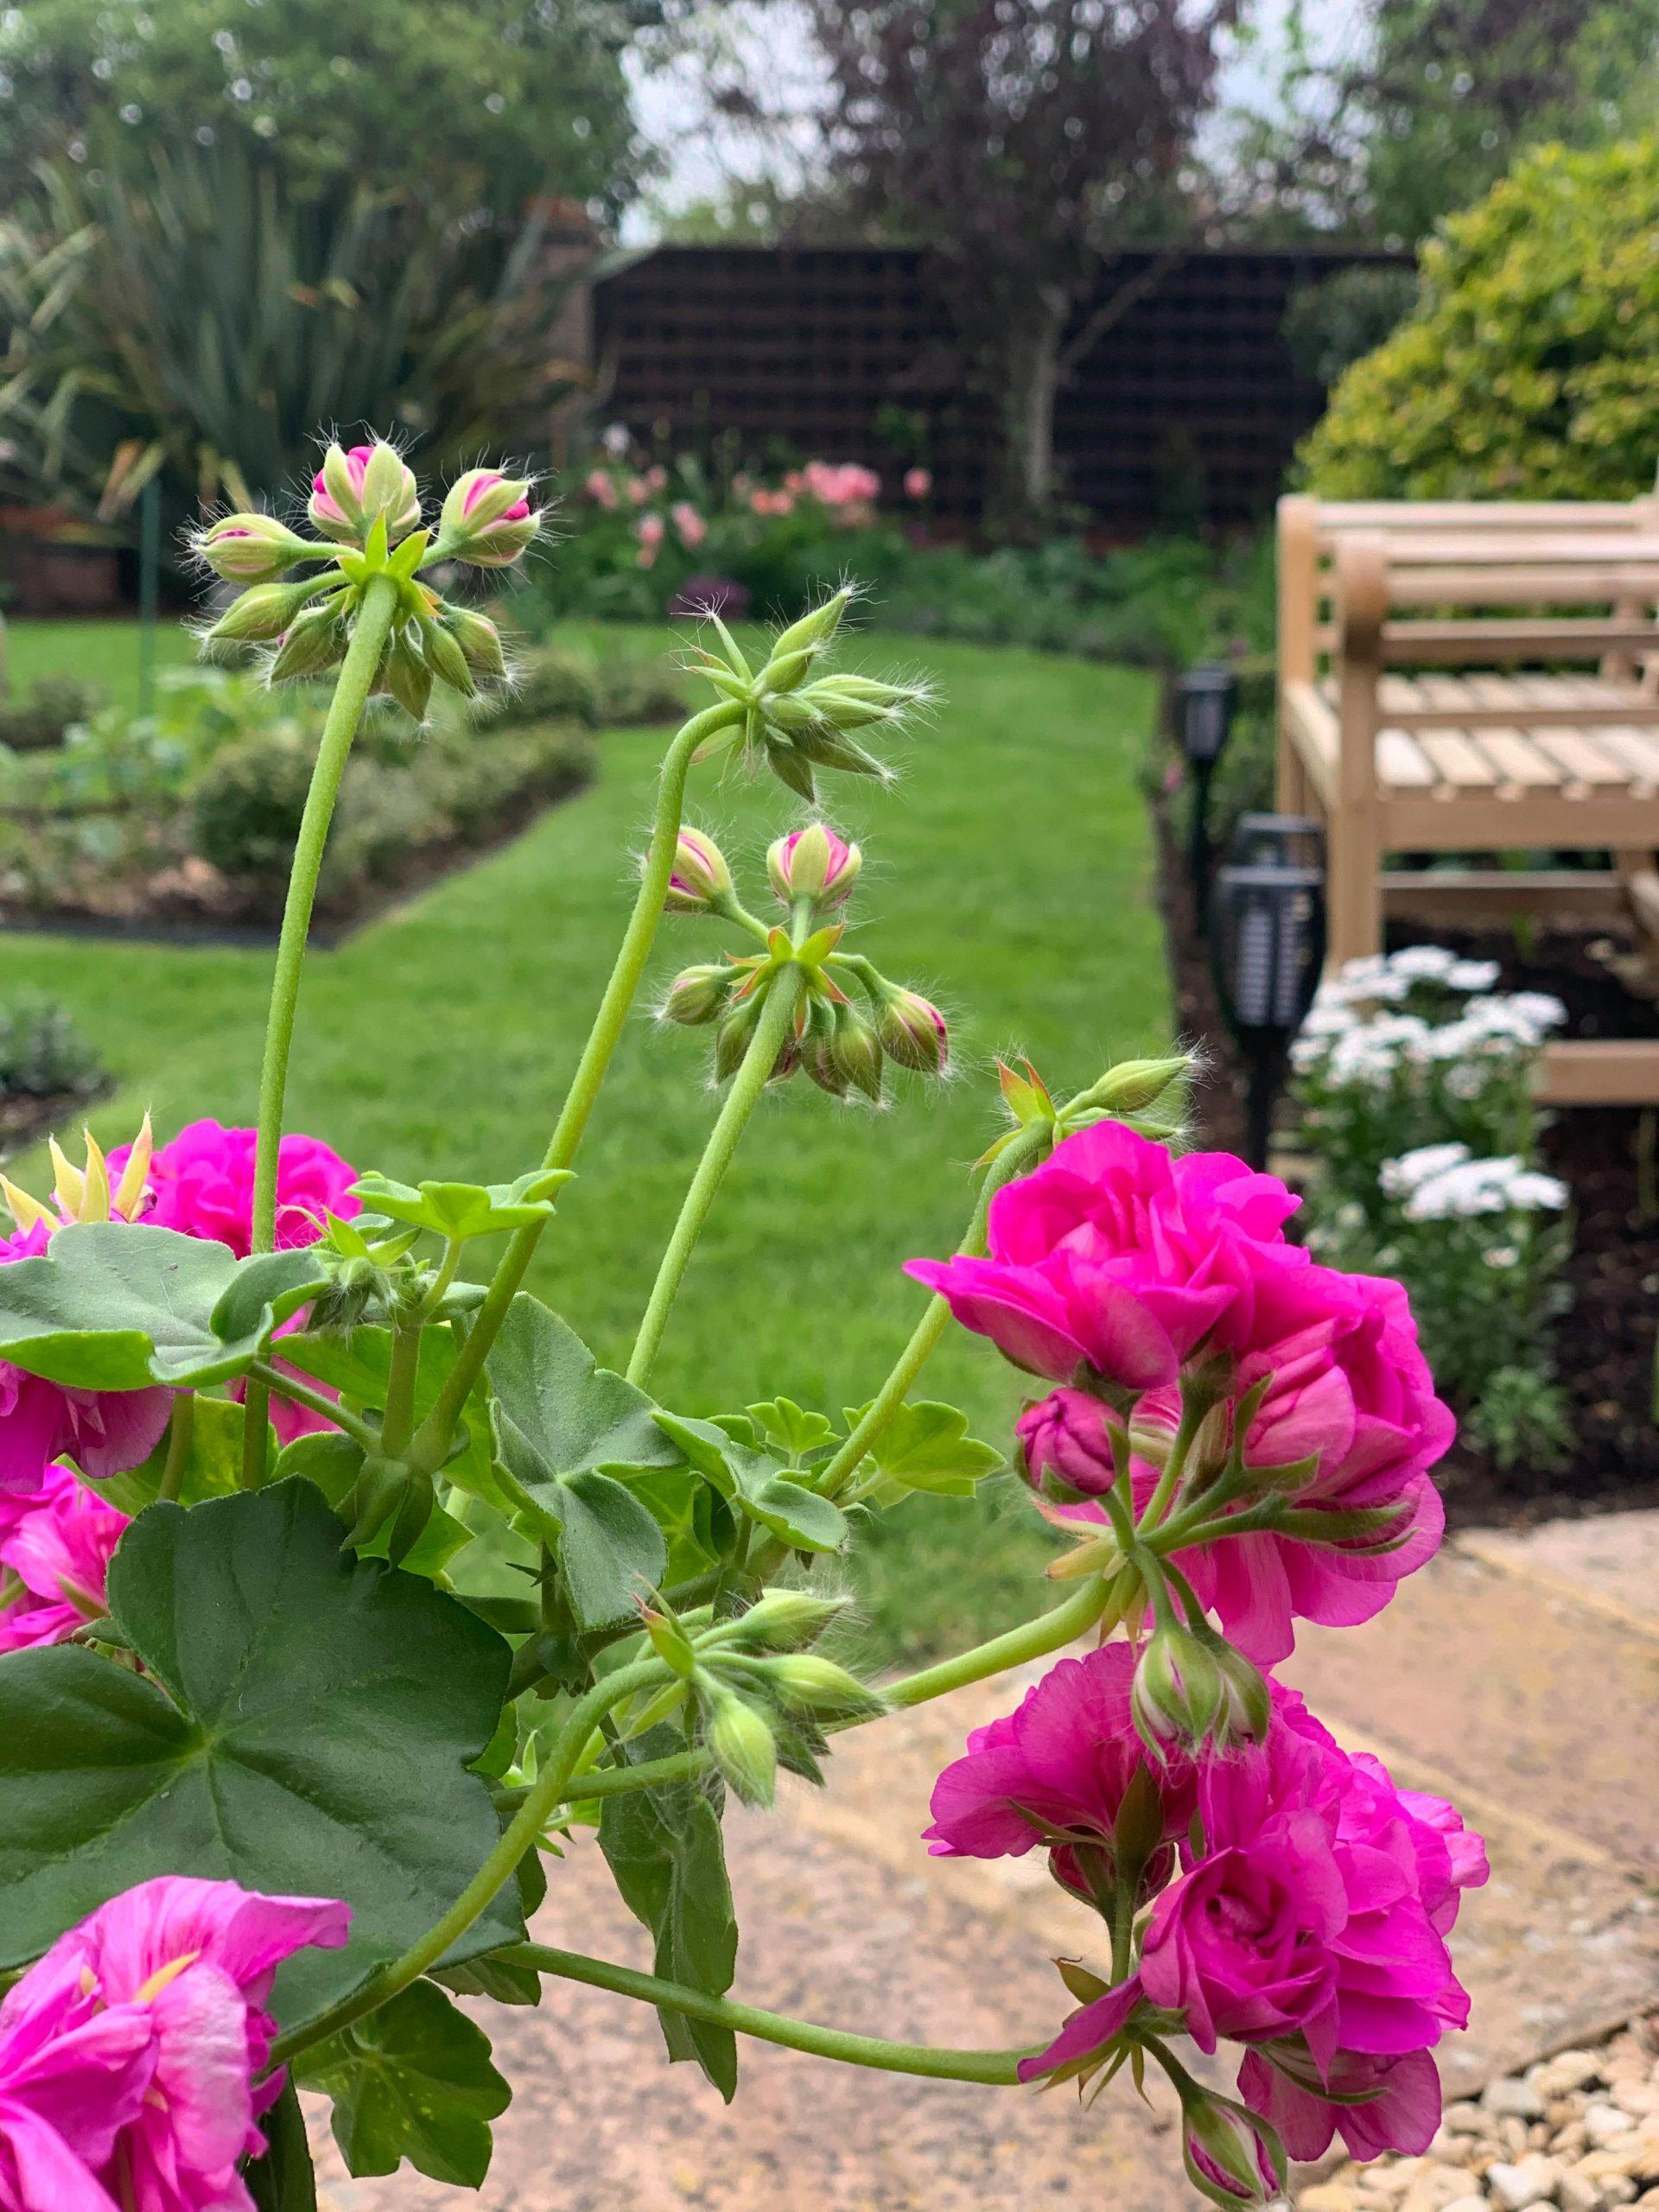 gardening tips, energetics